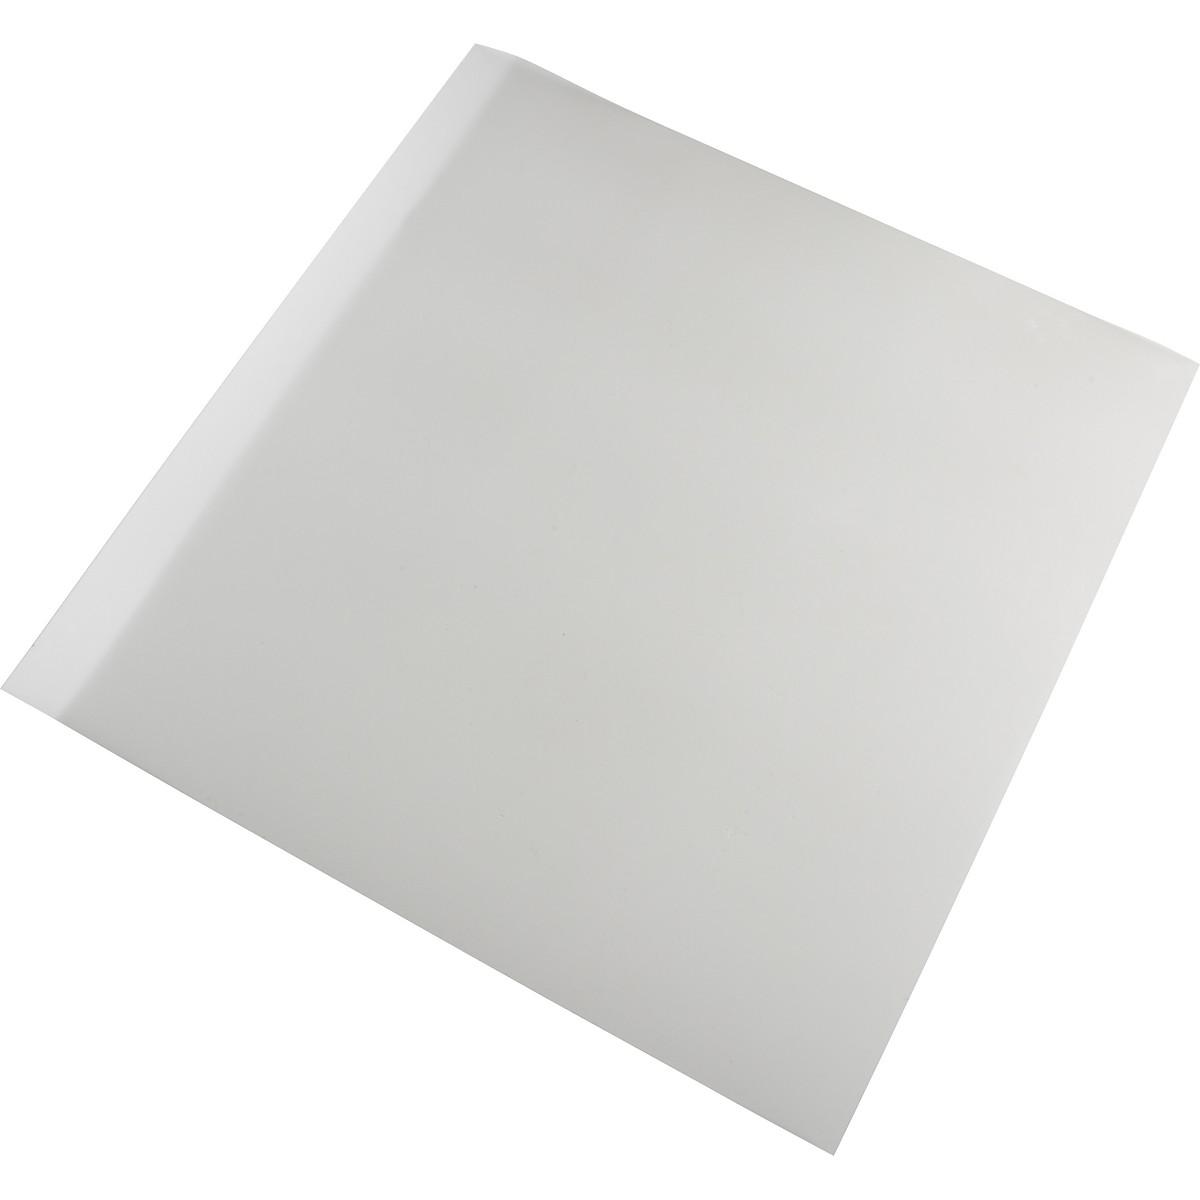 American DJ LSF601-24 Light Shaping Filter